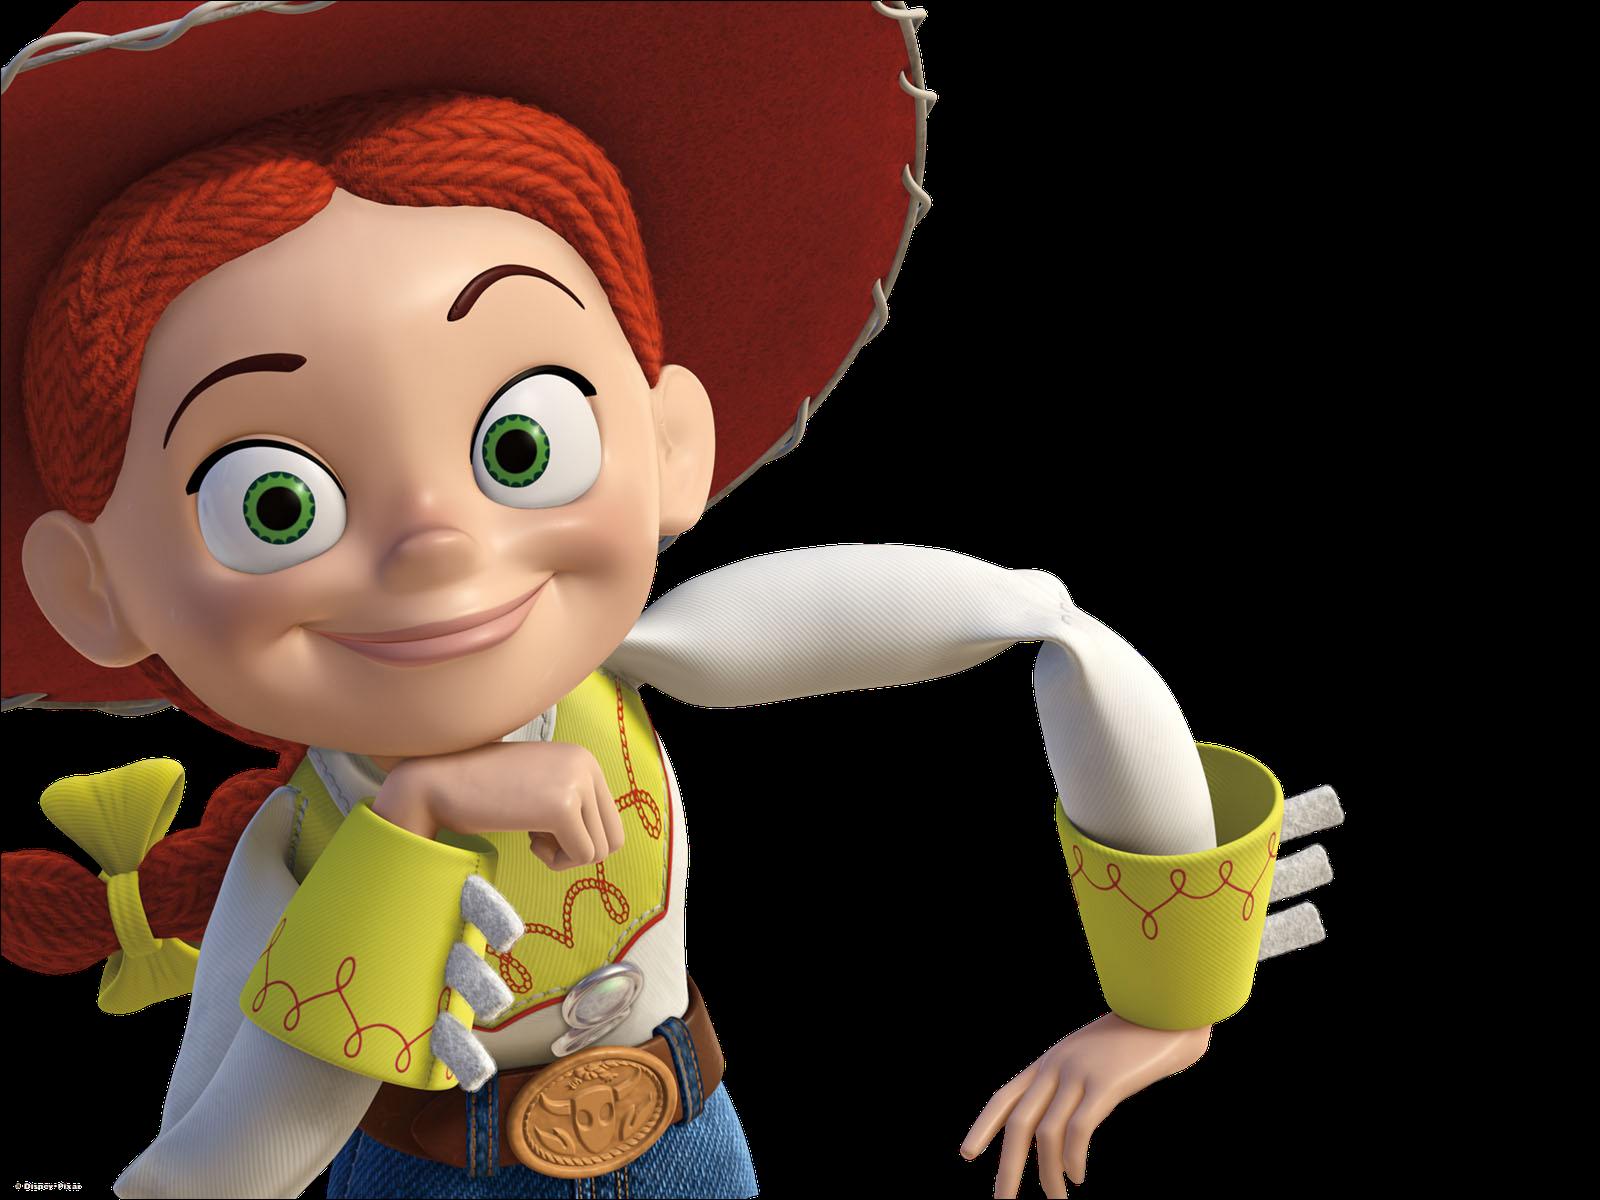 Jessie Toy story para imprimir | Jessie de toy story, Toy story ...